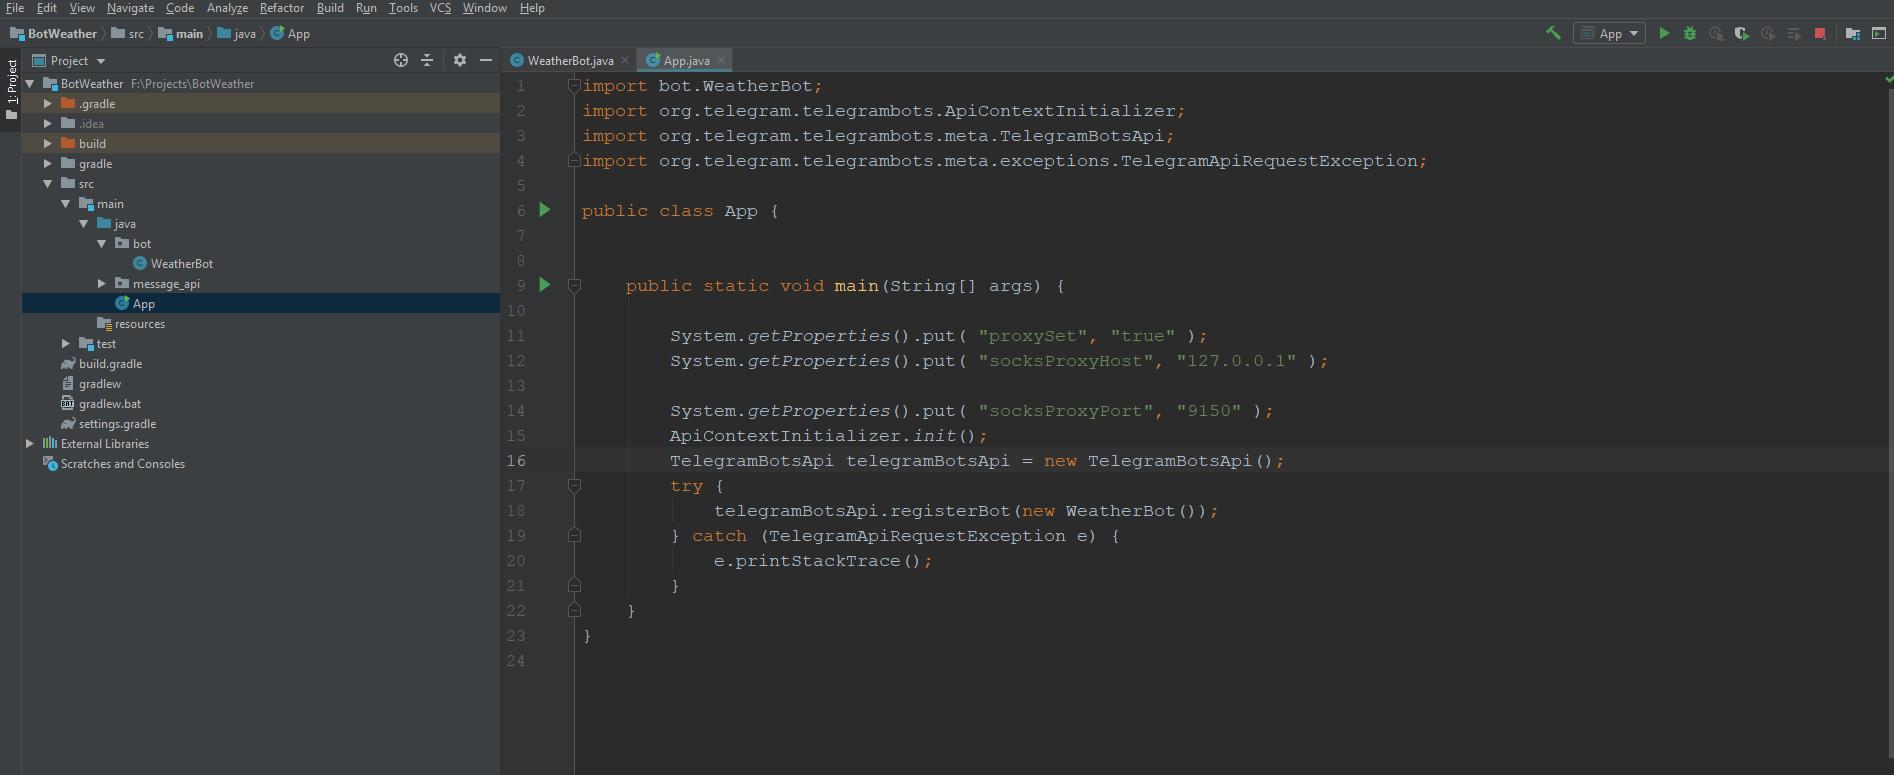 removing old webhook · Issue #442 · rubenlagus/TelegramBots · GitHub